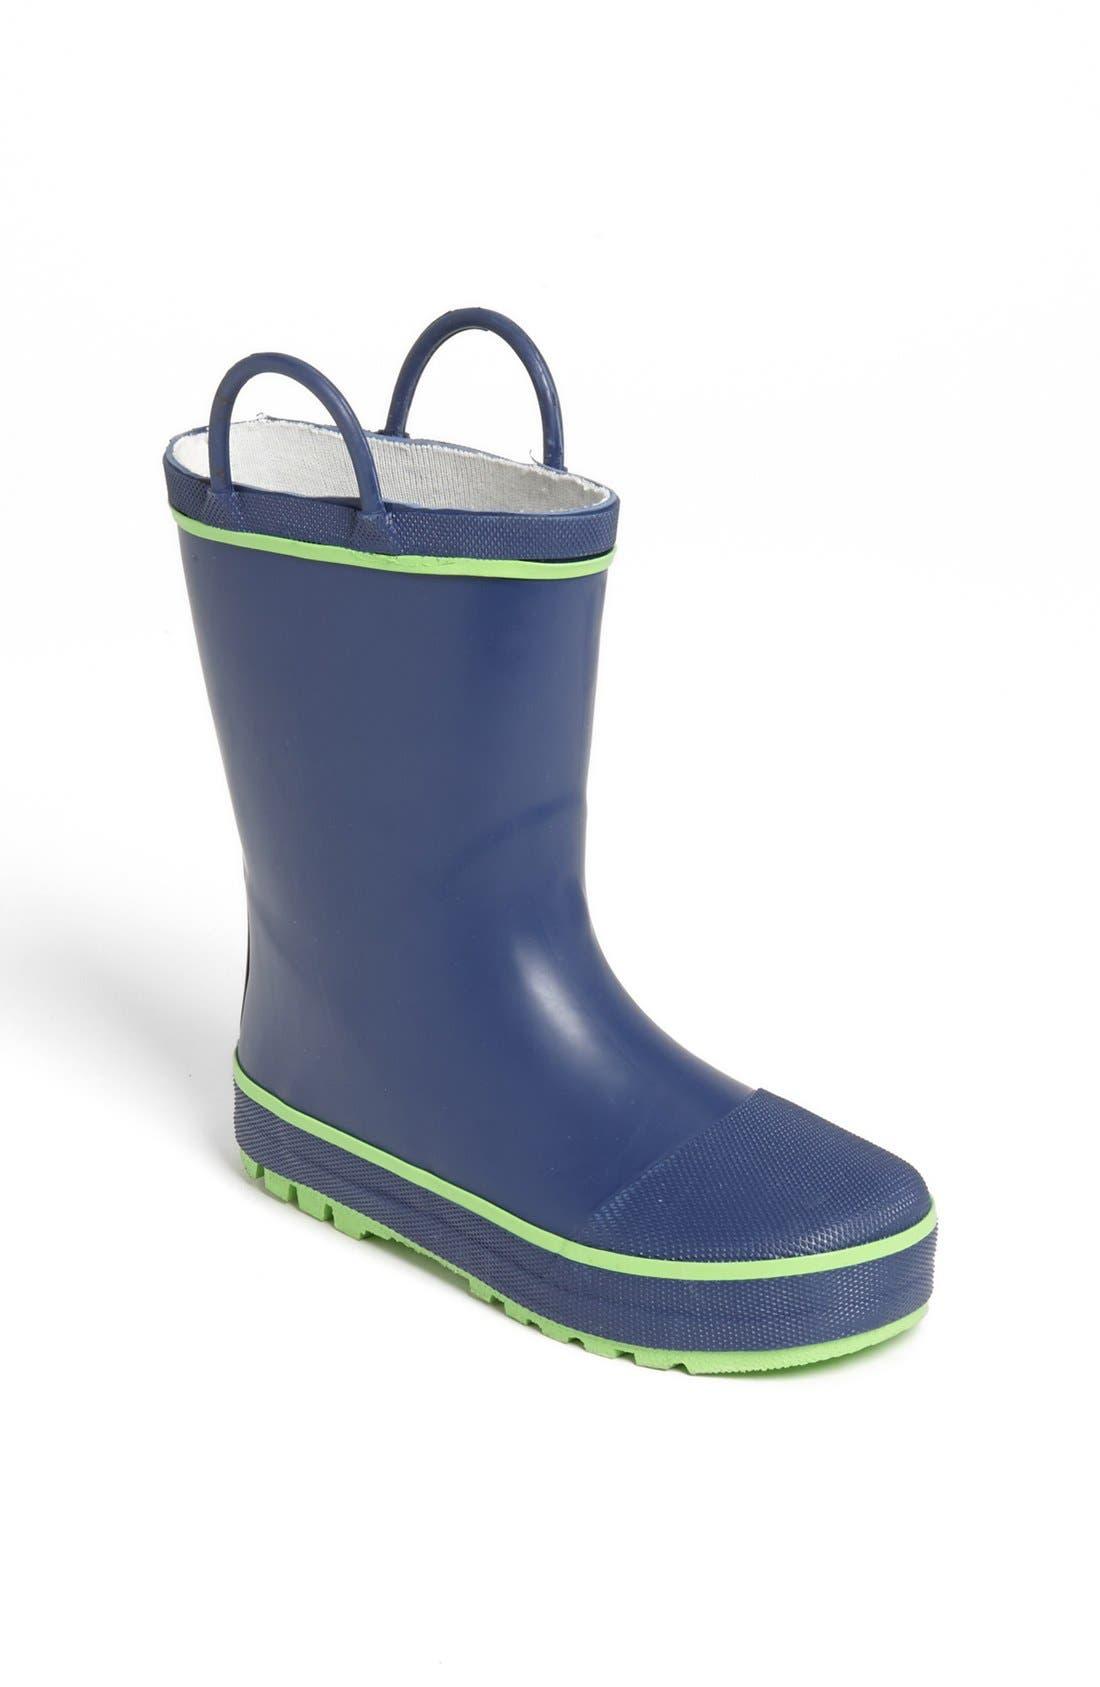 Alternate Image 1 Selected - Nordstrom 'Downpour' Rain Boot (Walker, Toddler &  Little Kid)